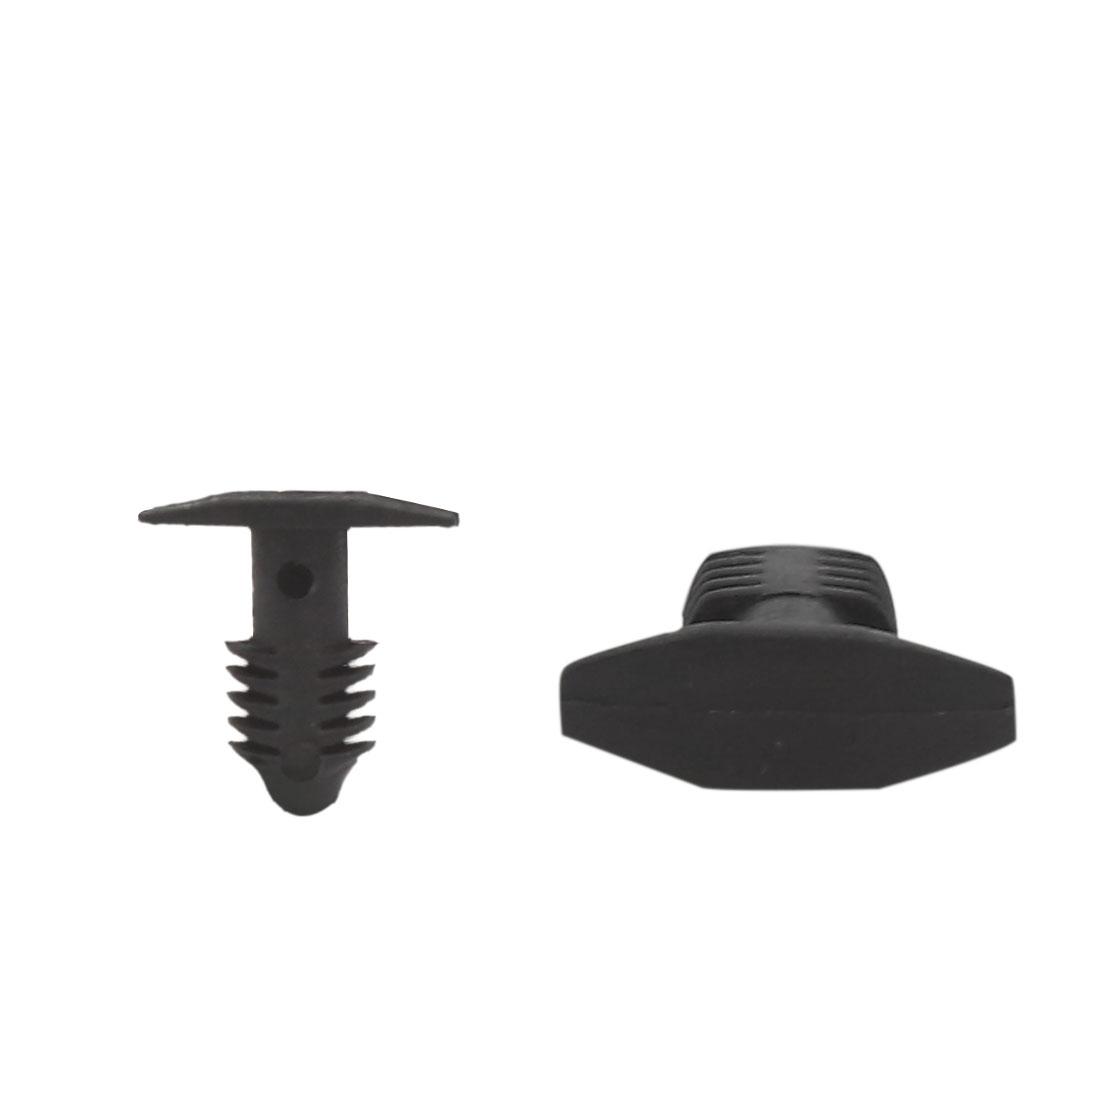 50Pcs Black Car Door Fender Clips 7.5mm Hole Dia Plastic Rivets Fastener